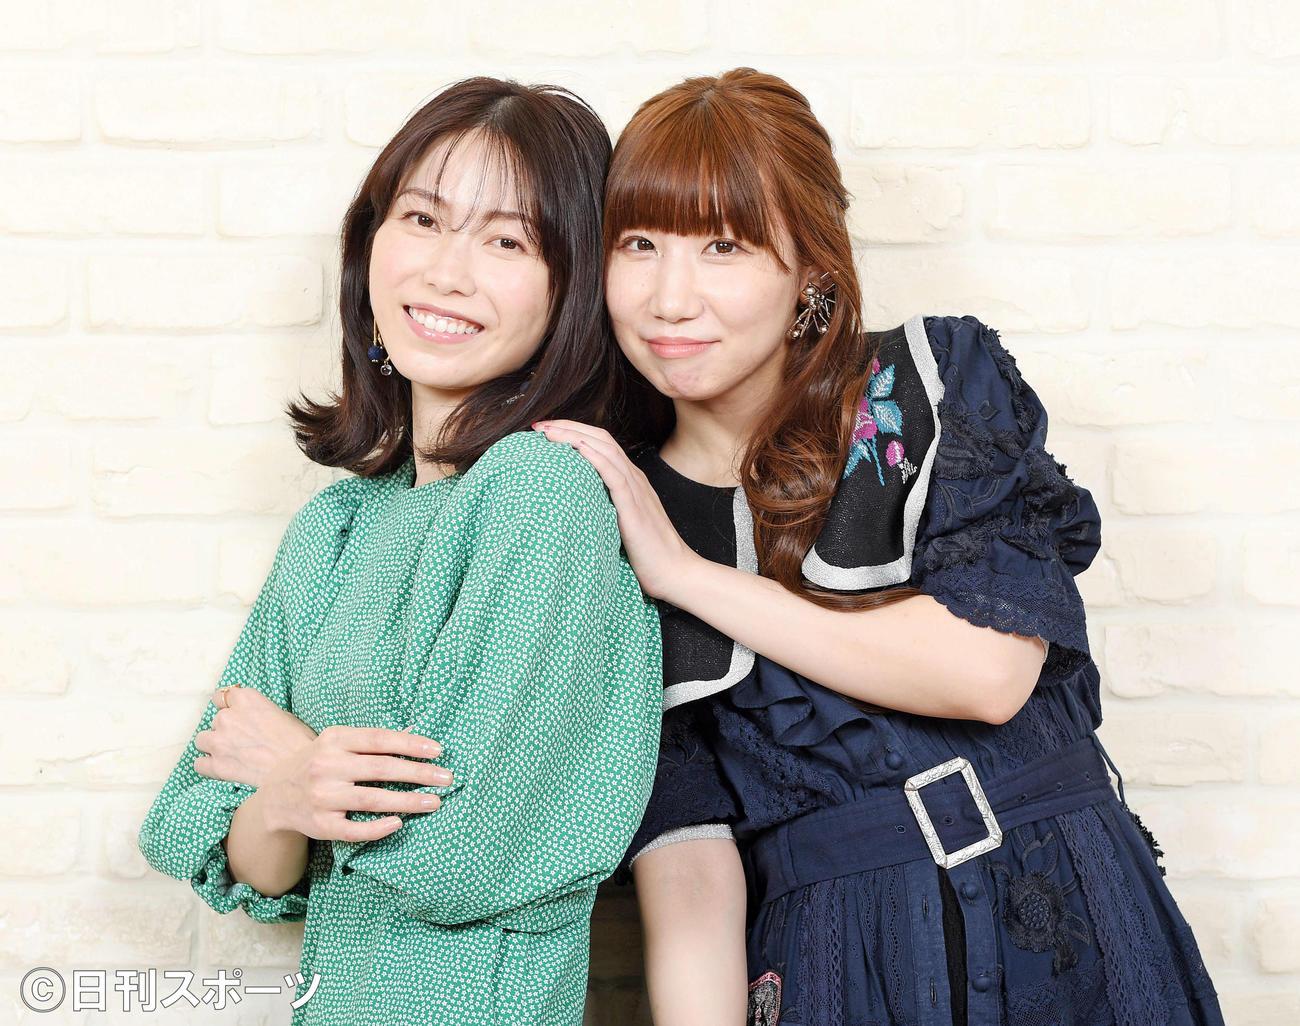 対談した横山由依(左)と根本宗子は仲良くポーズを決める(撮影・滝沢徹郎)